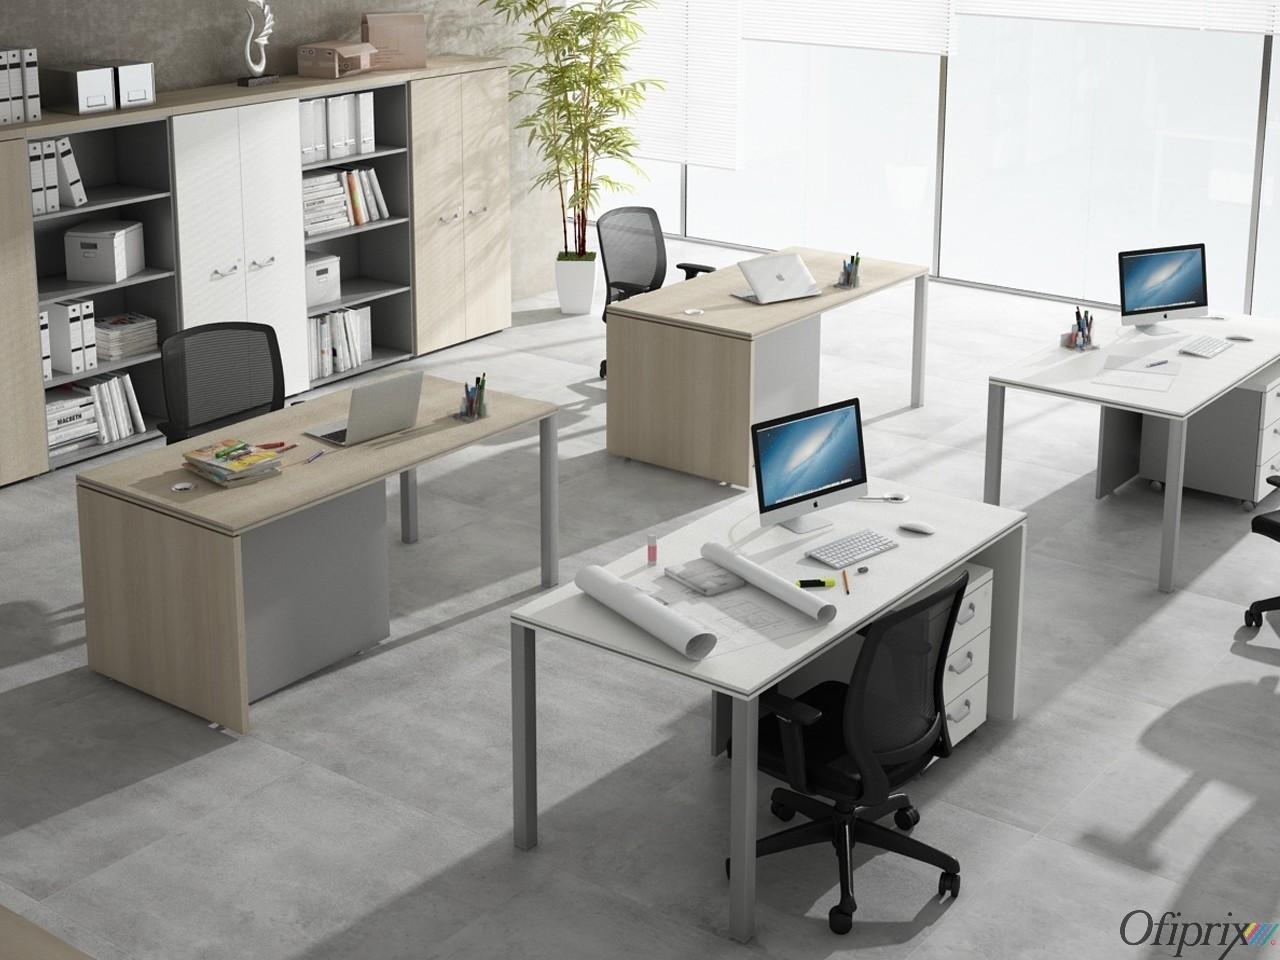 Higiene en la oficina trucos para mantenerla cuidada for Follando en las oficinas